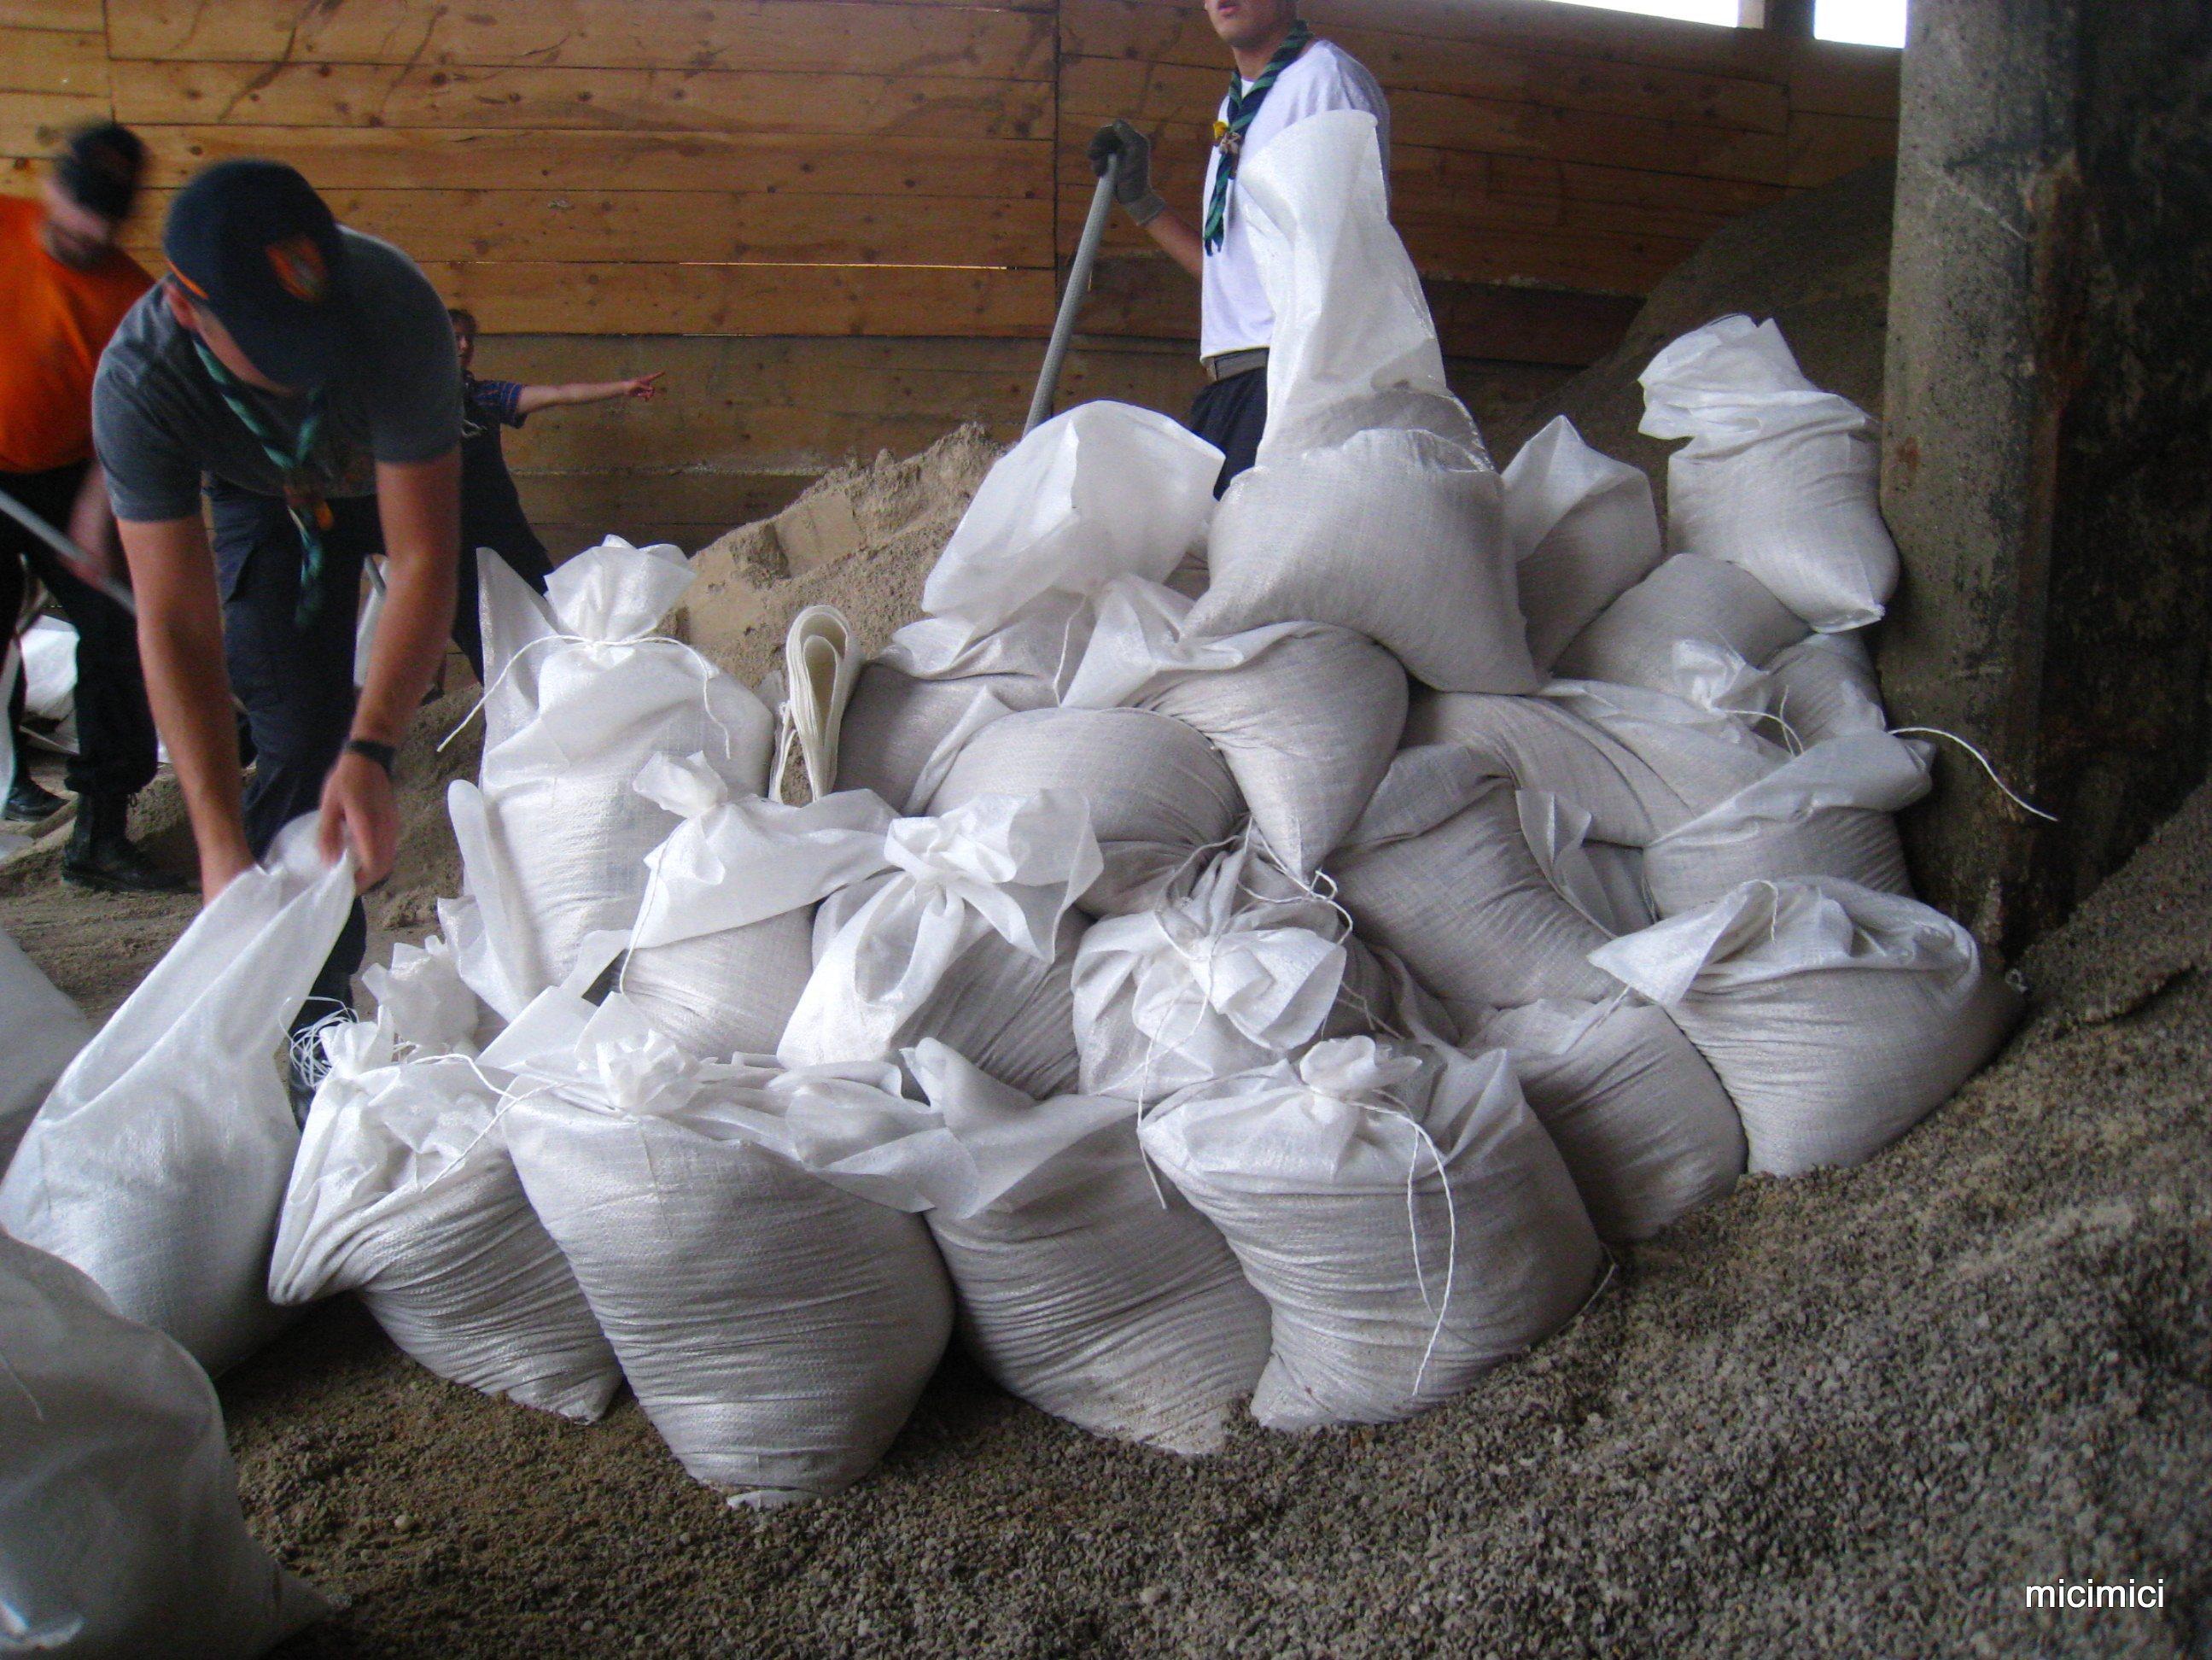 Protipoplavne vreče